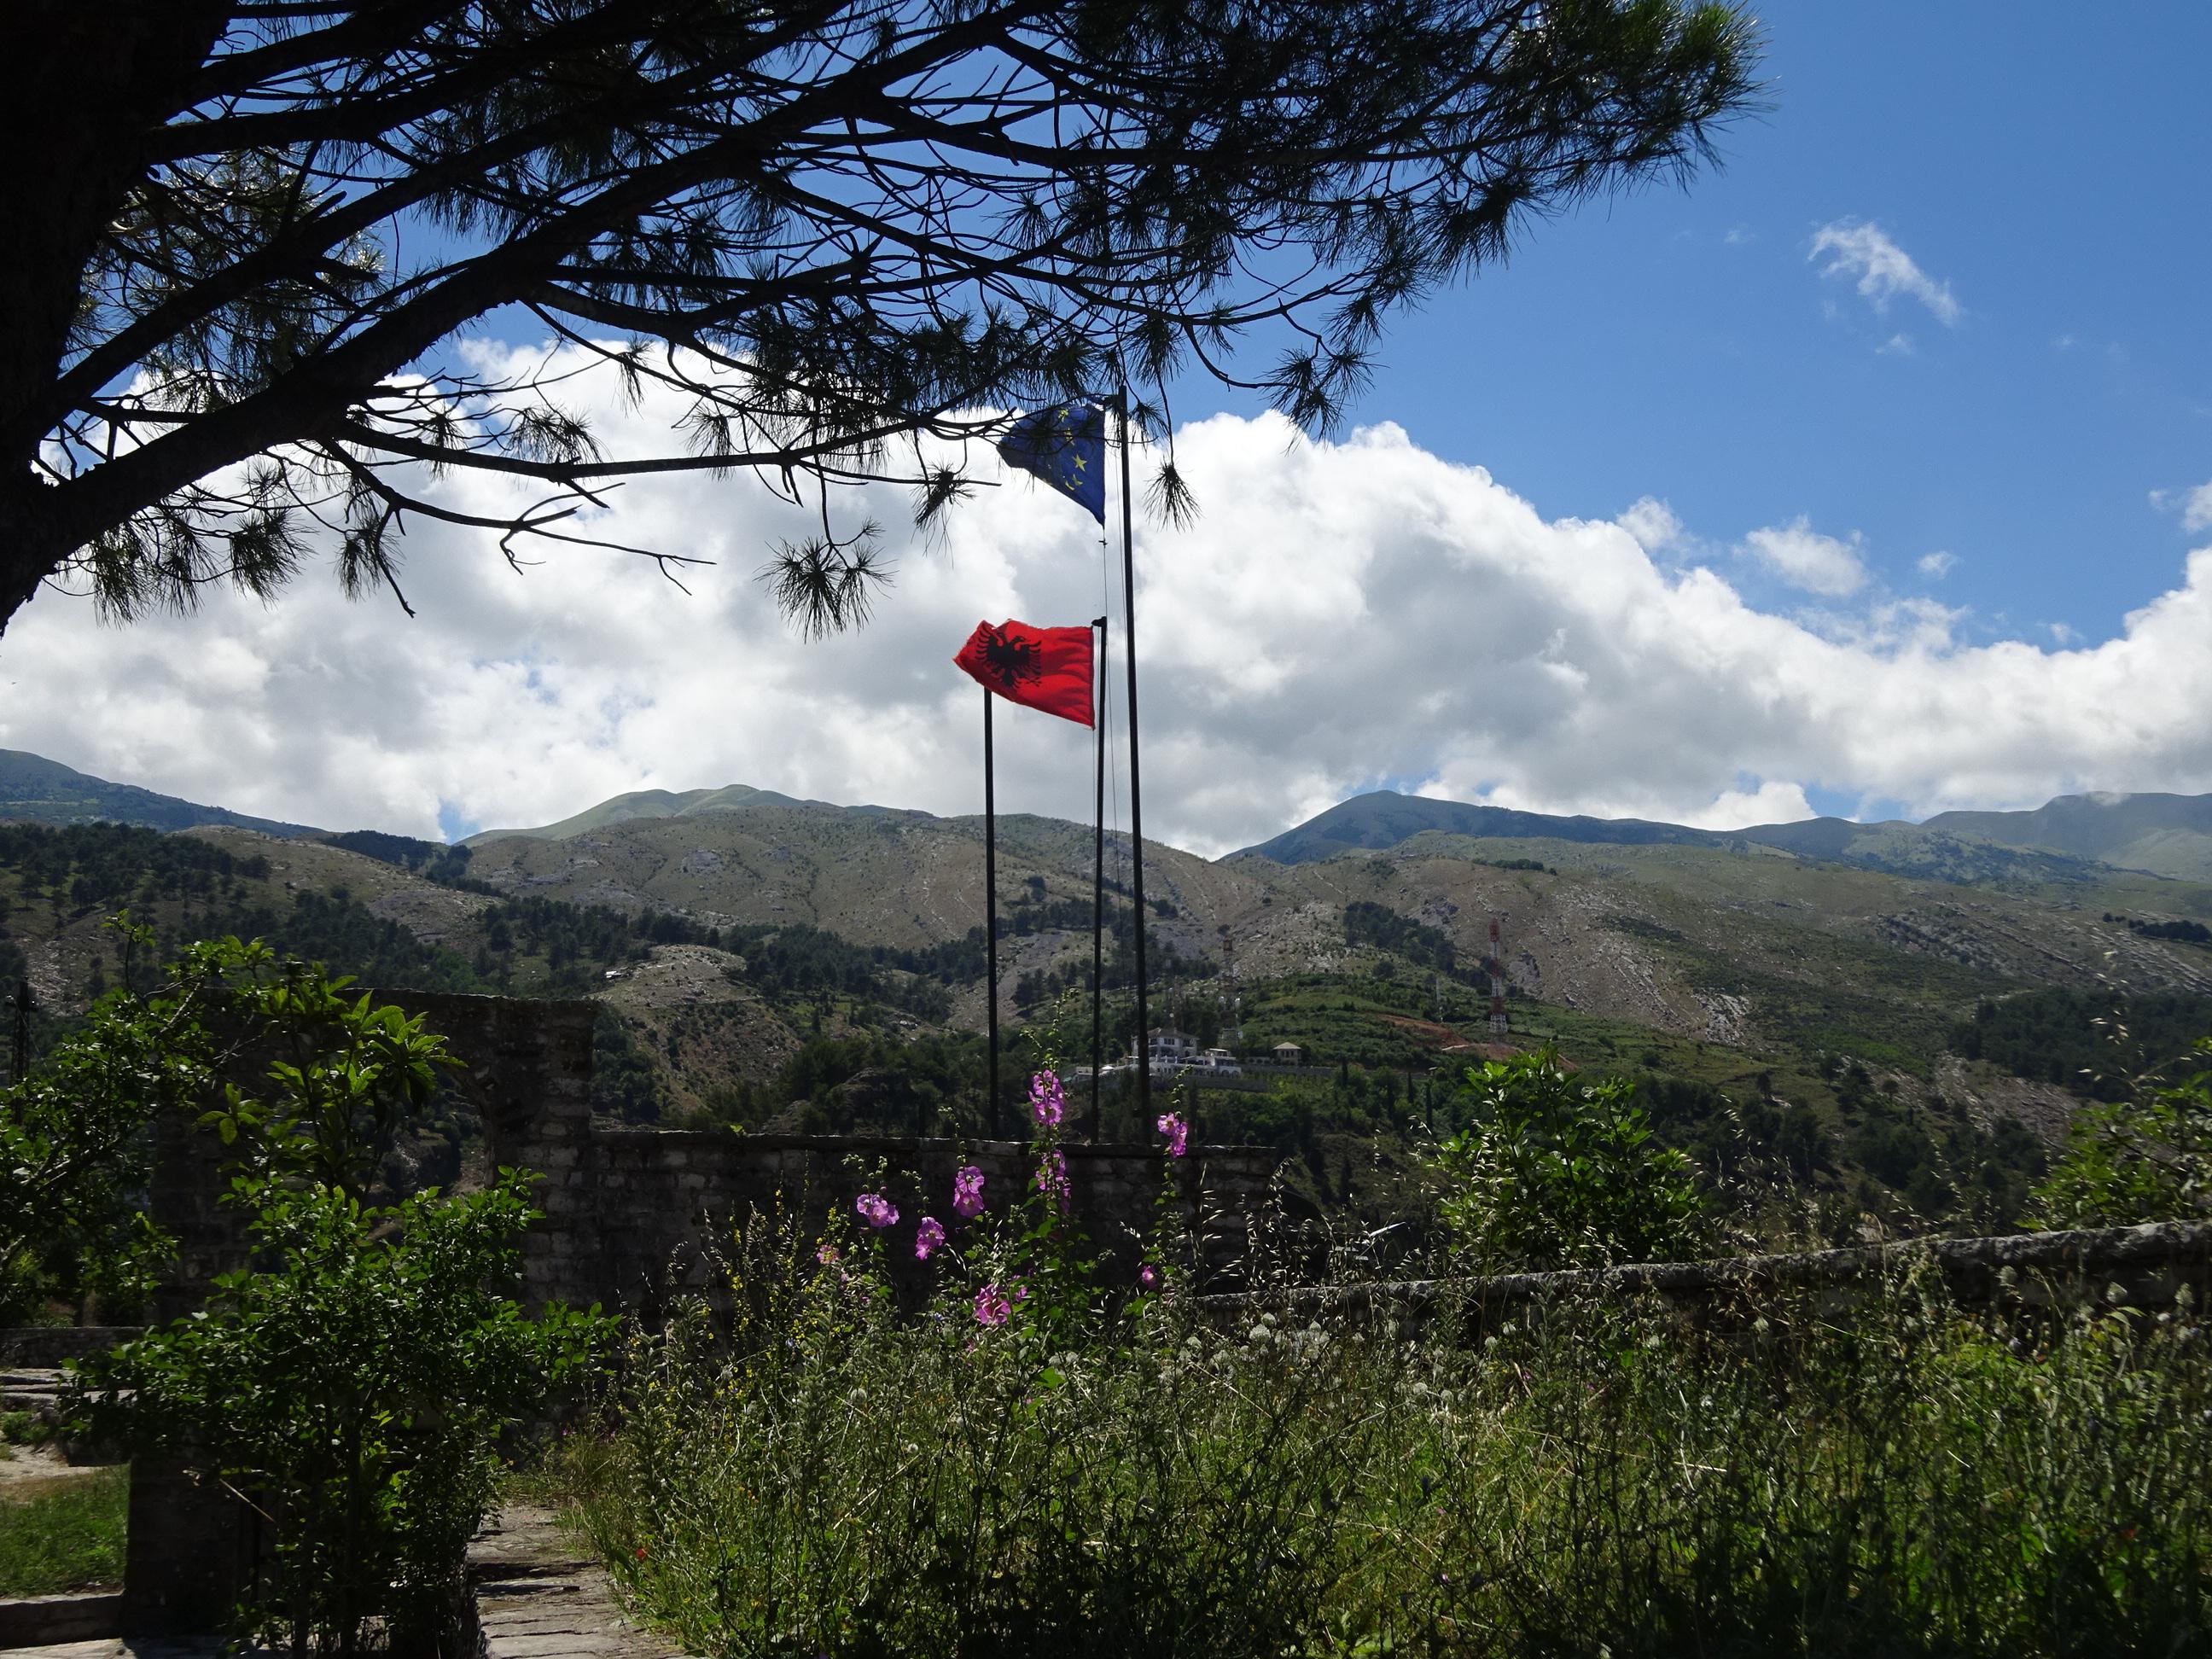 美しいジロカストラの街はアルバニアの世界遺産